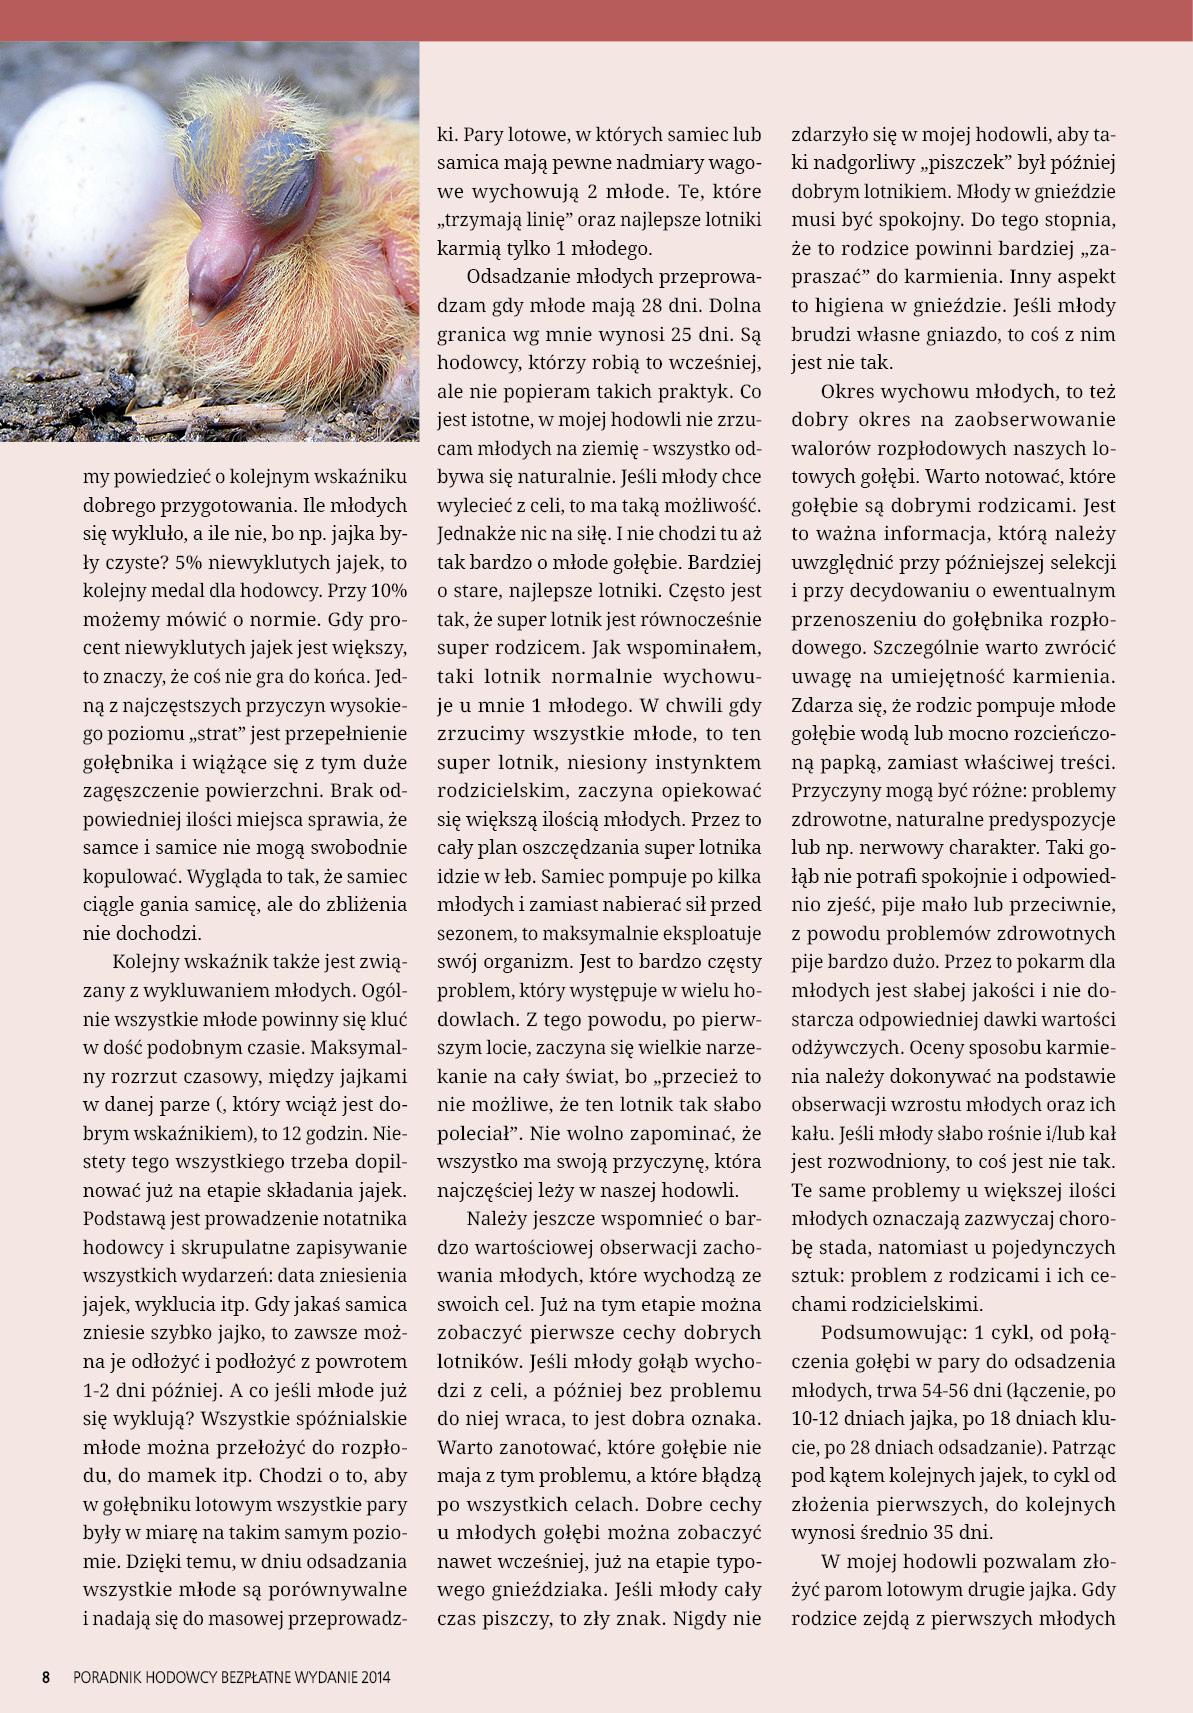 Darmowy numer specjalny Poradnika Hodowcy 2014 - strona 8